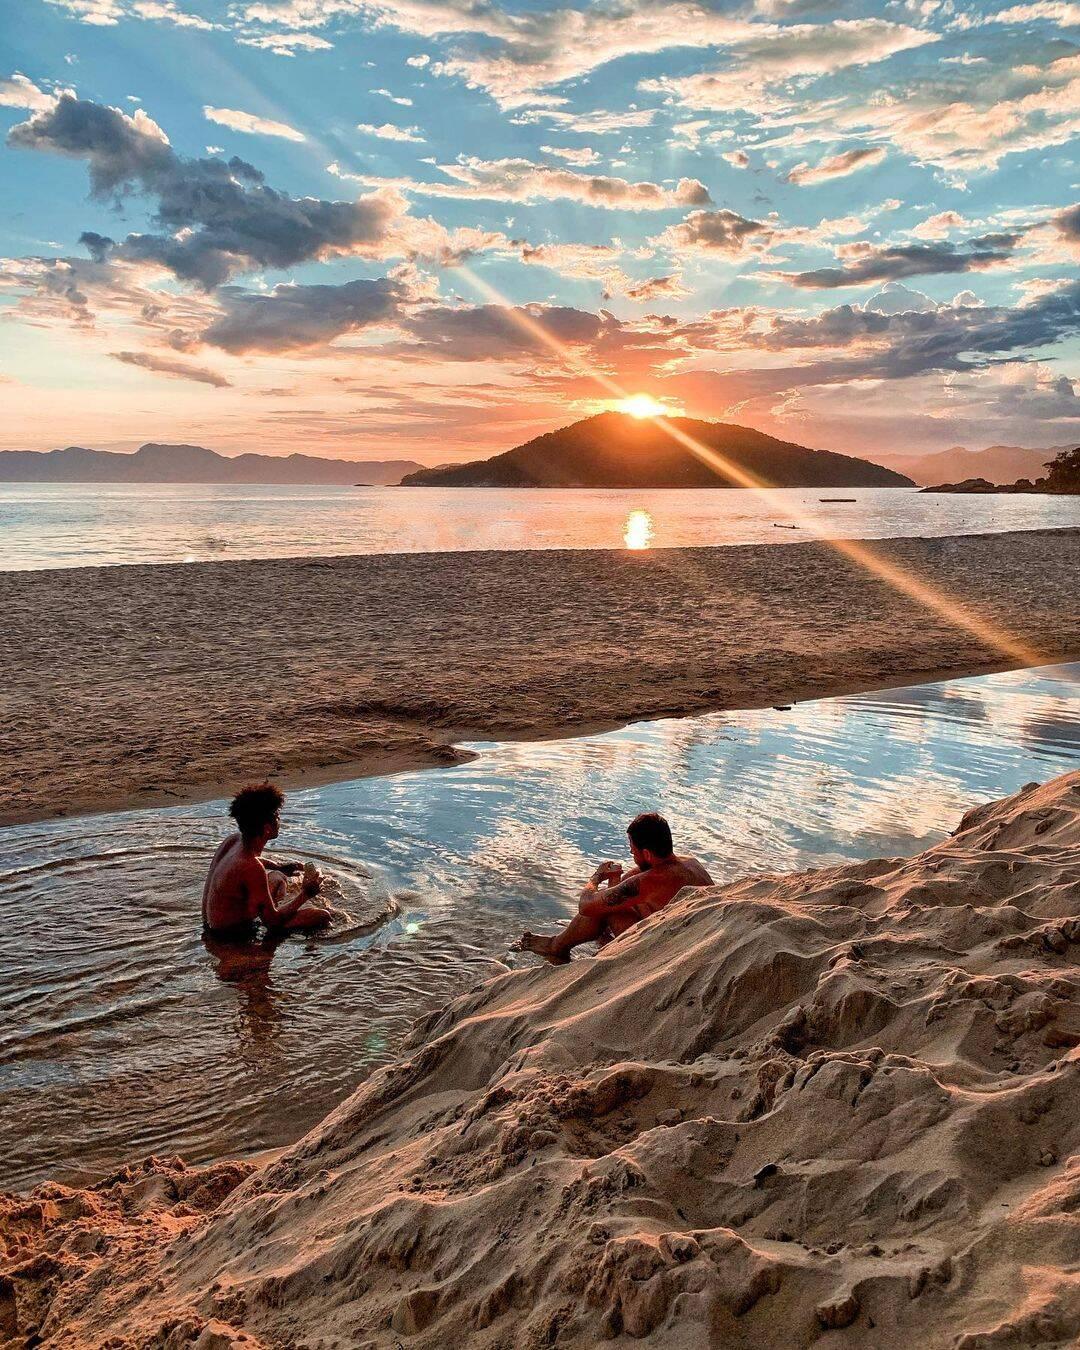 Por ter campings e quiosques, Ponta Aguda é boa opção de hospedagem. Foto: Reprodução/Instagram